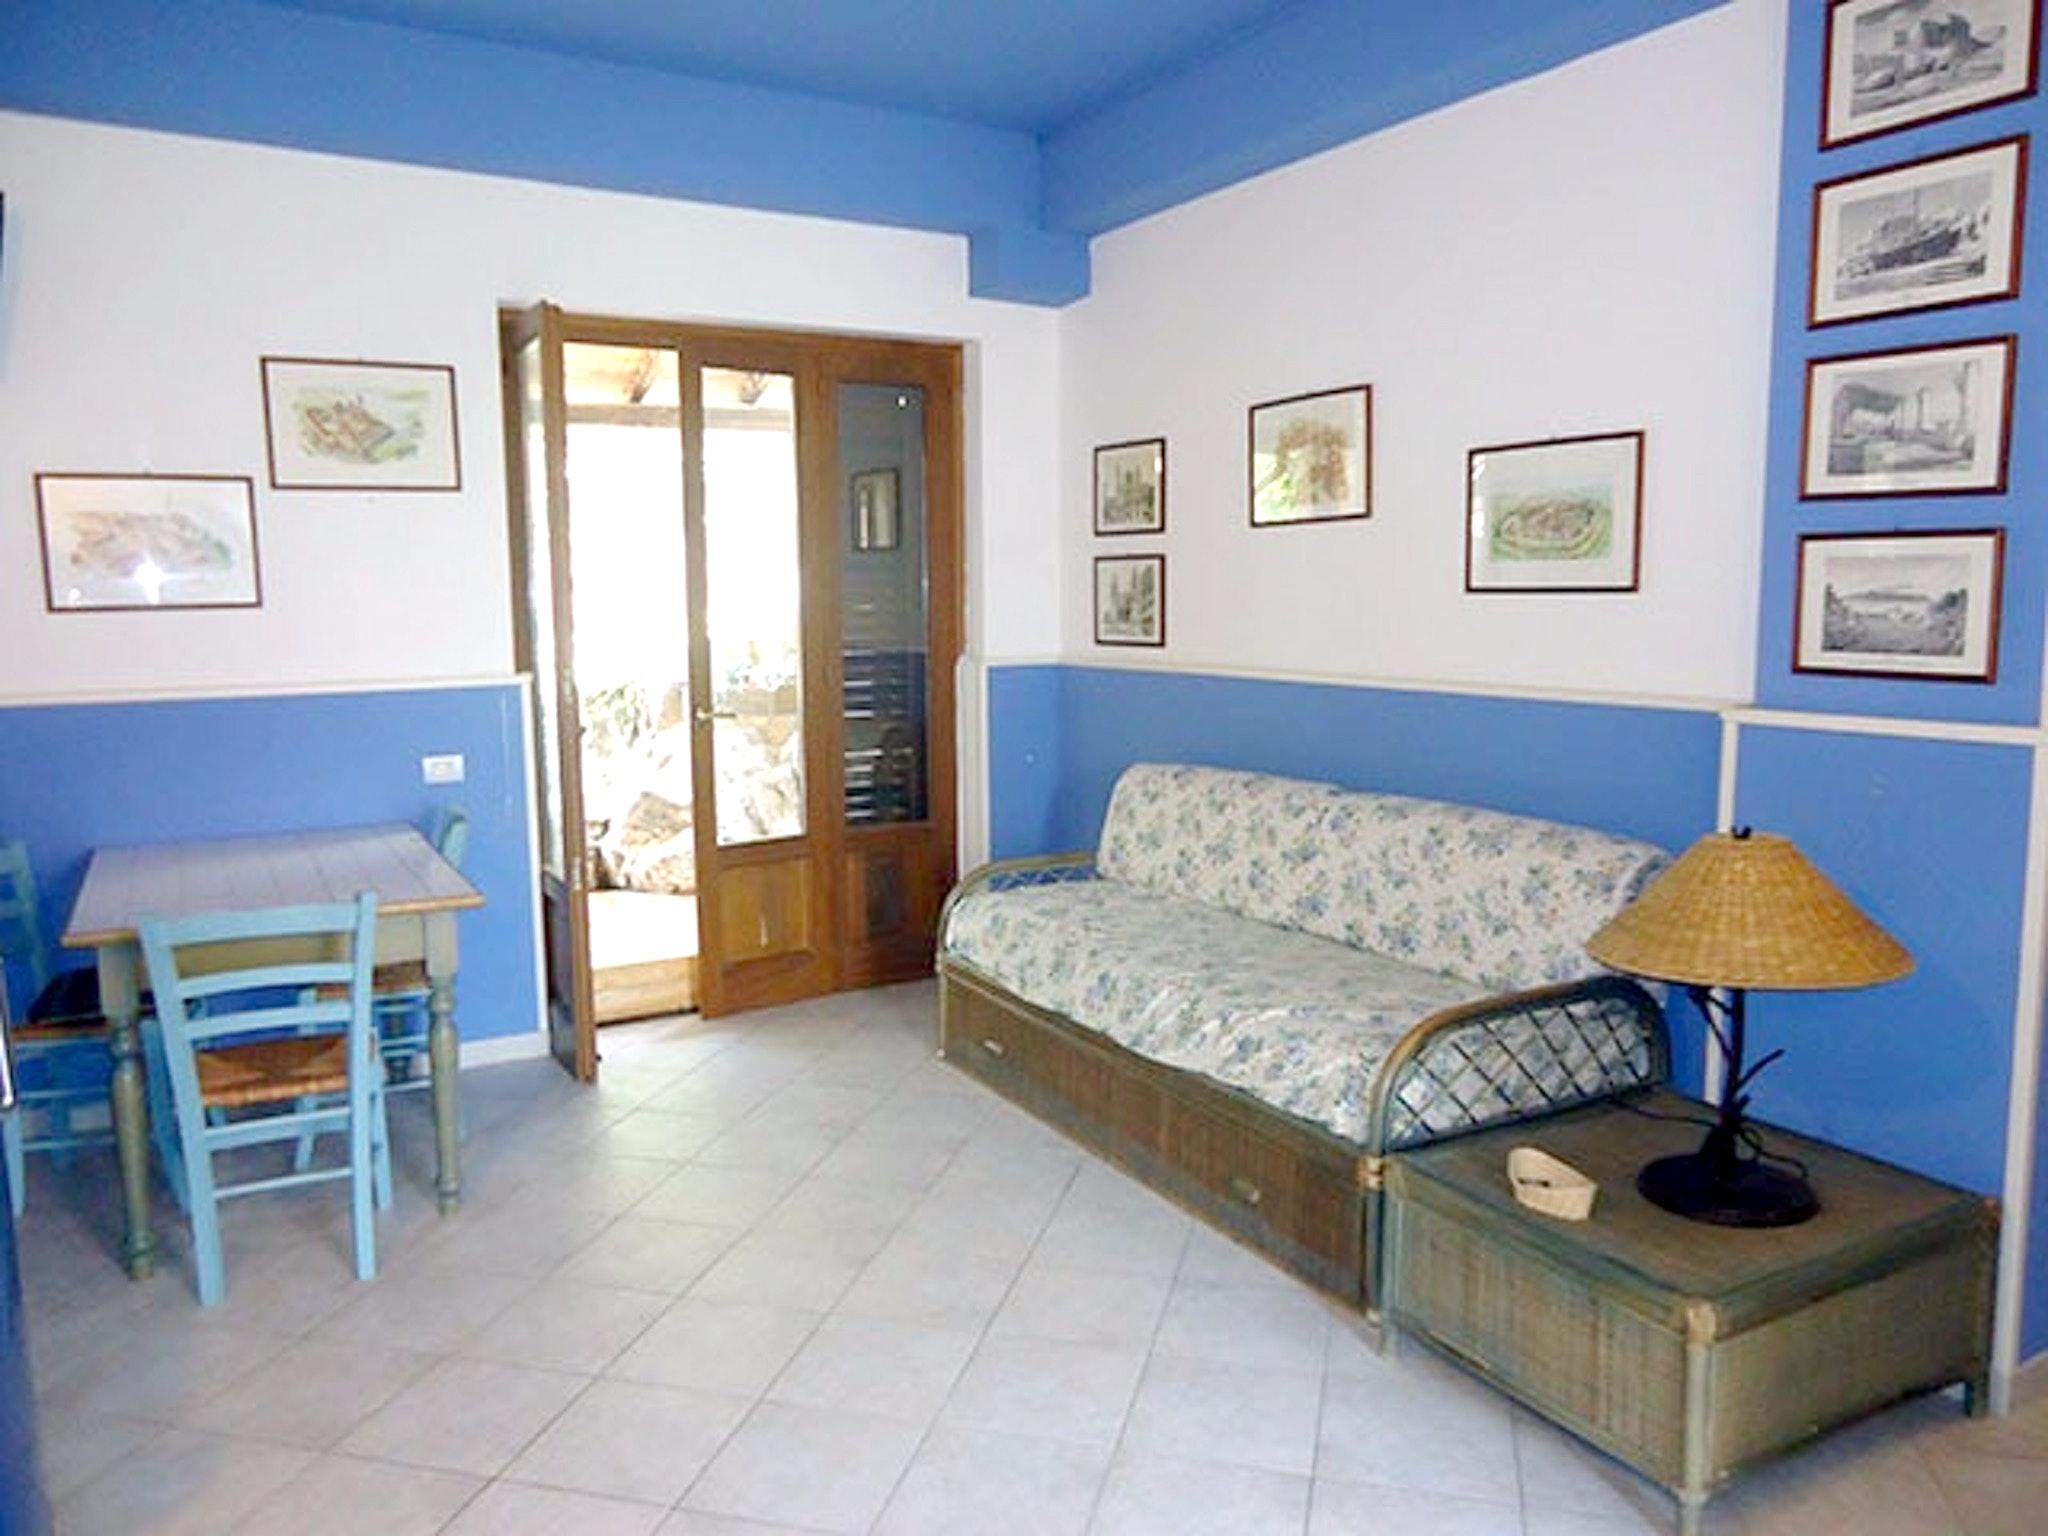 Appartement de vacances Wohnung mit 2 Schlafzimmern in Lipari mit möblierter Terrasse - 20 m vom Strand entfernt (2202323), Lipari, Lipari, Sicile, Italie, image 3